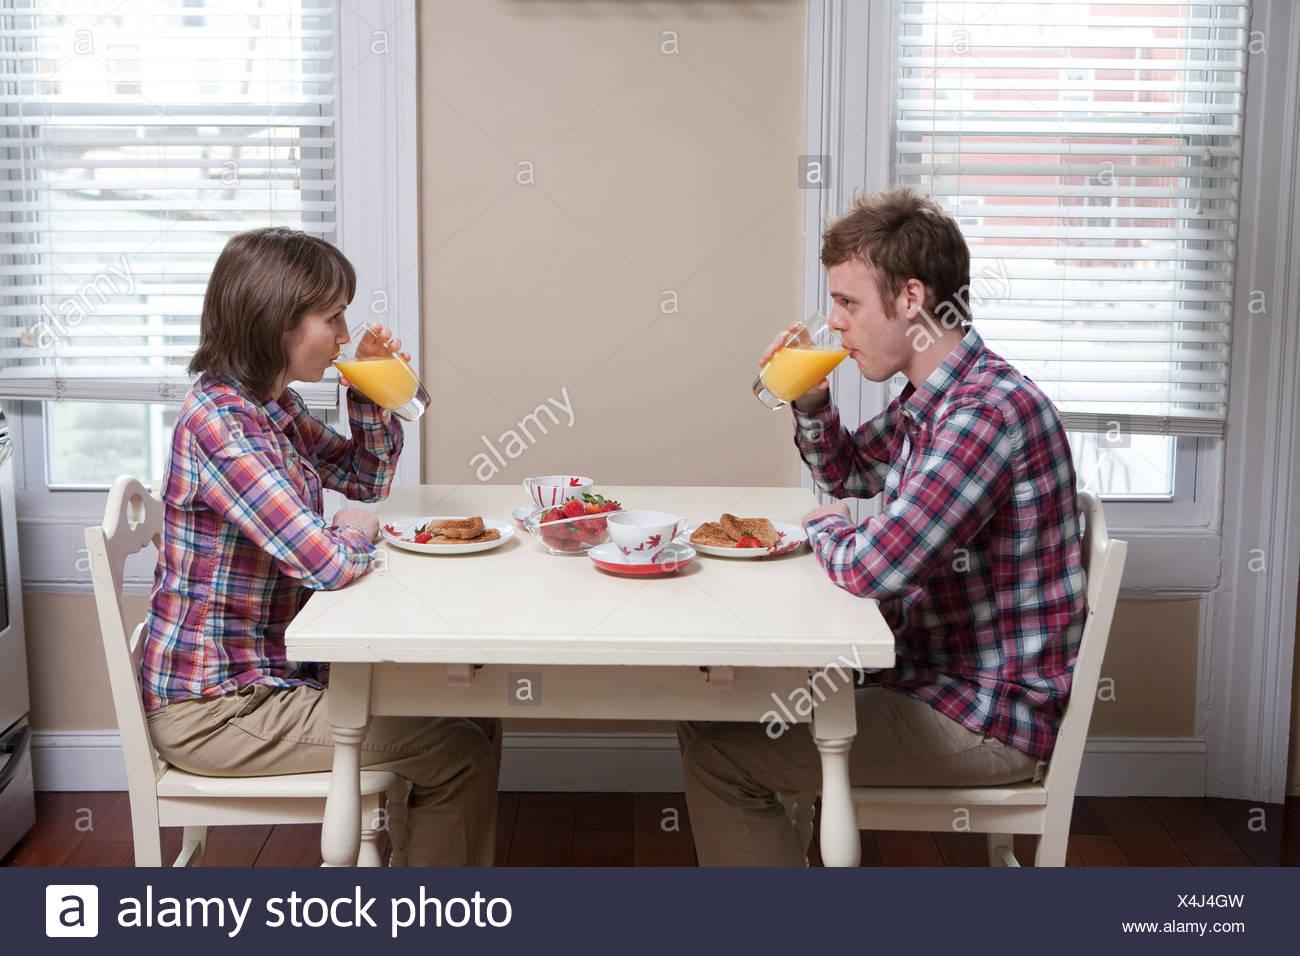 Junges Paar trinken Orangensaft am Küchentisch Stockbild